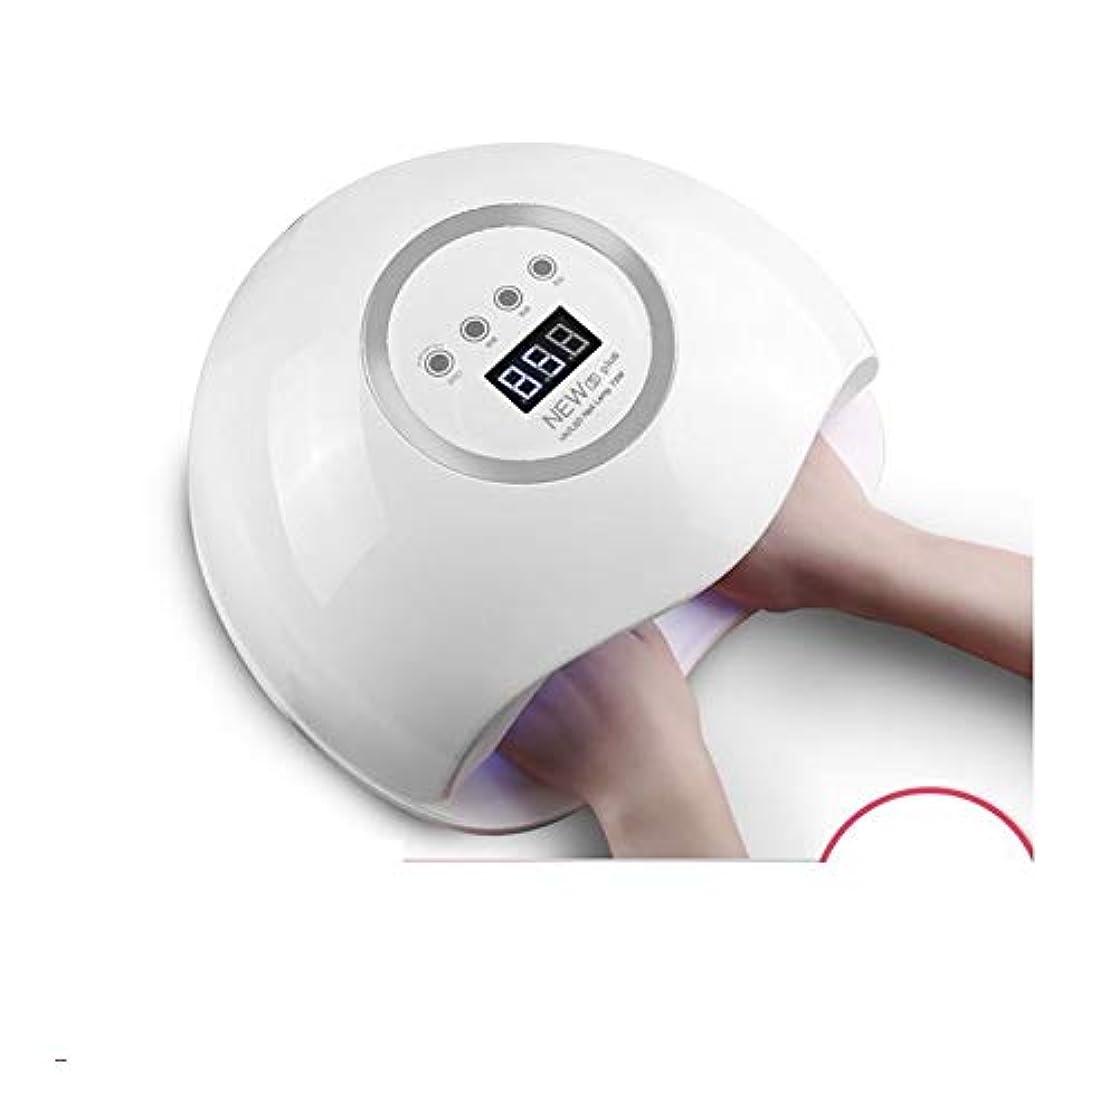 頼むロッカー強いLittleCat 速乾性ネイルUVドライヤーの熱ランプLEDネイル無痛インテリジェントセンサー太陽灯 (色 : European standard circular plug)